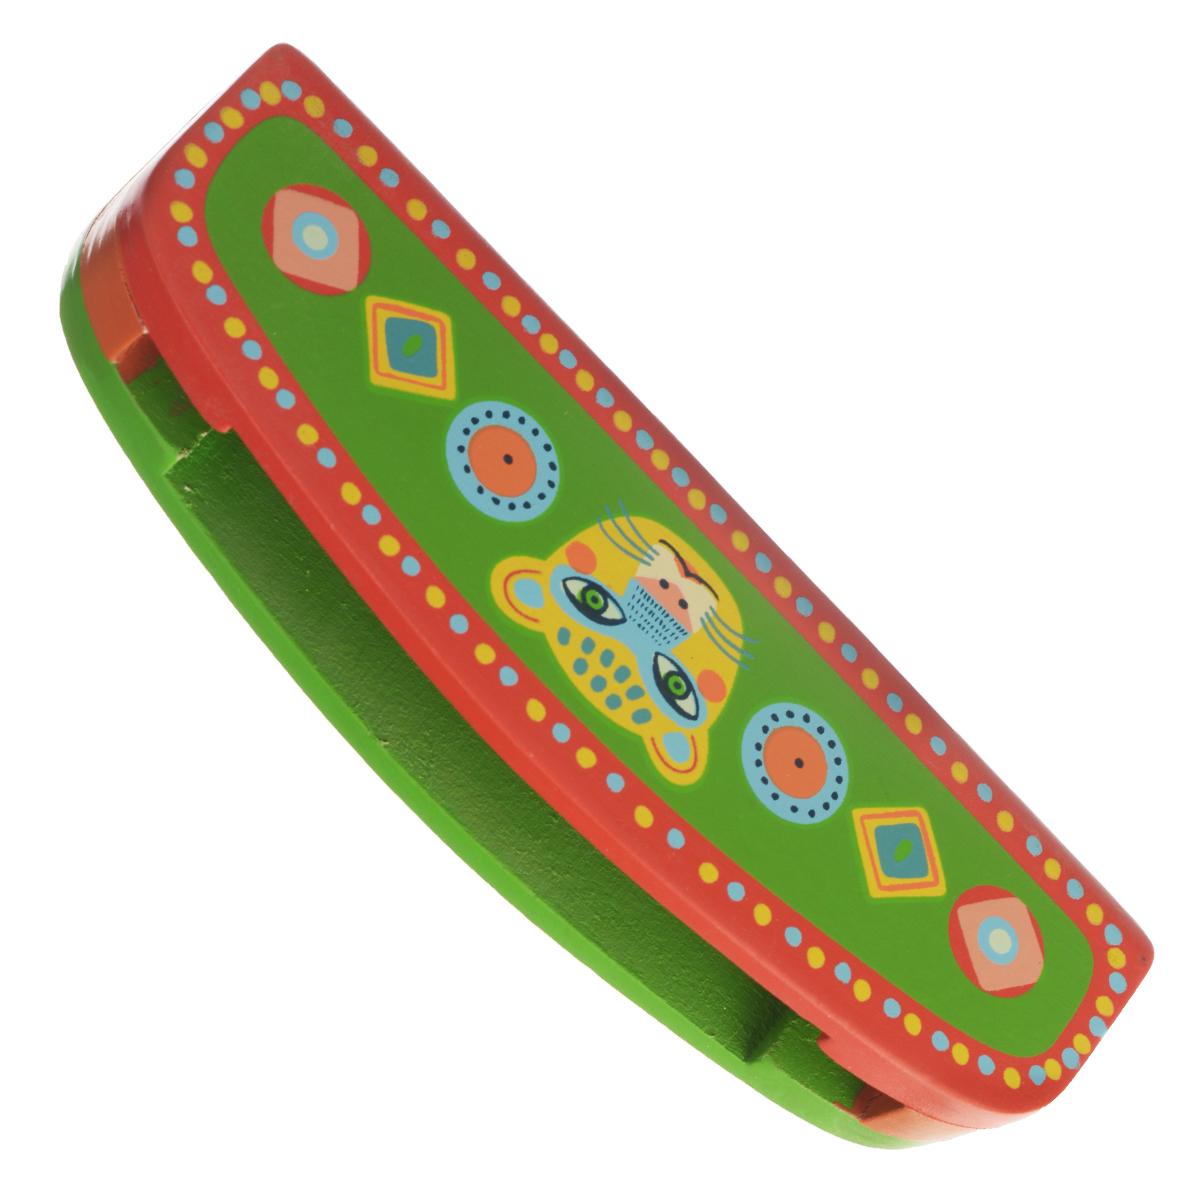 Djeco Губная гармошка Animambo, цвет: зеленый, красный06011